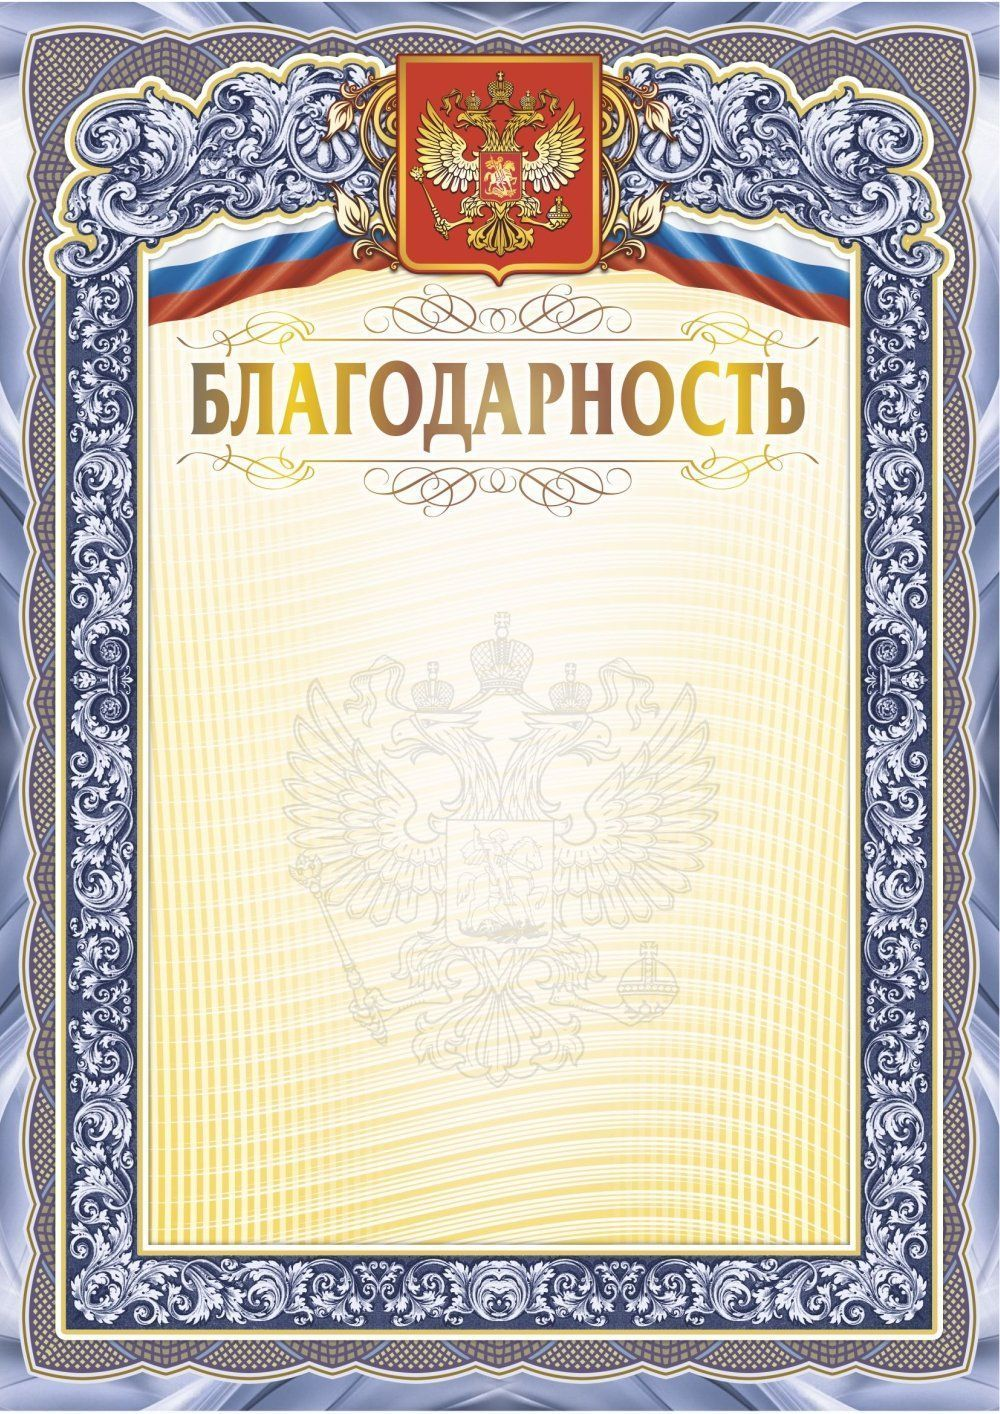 Благодарность (с гербом и флагом) (книжный, тиснение)